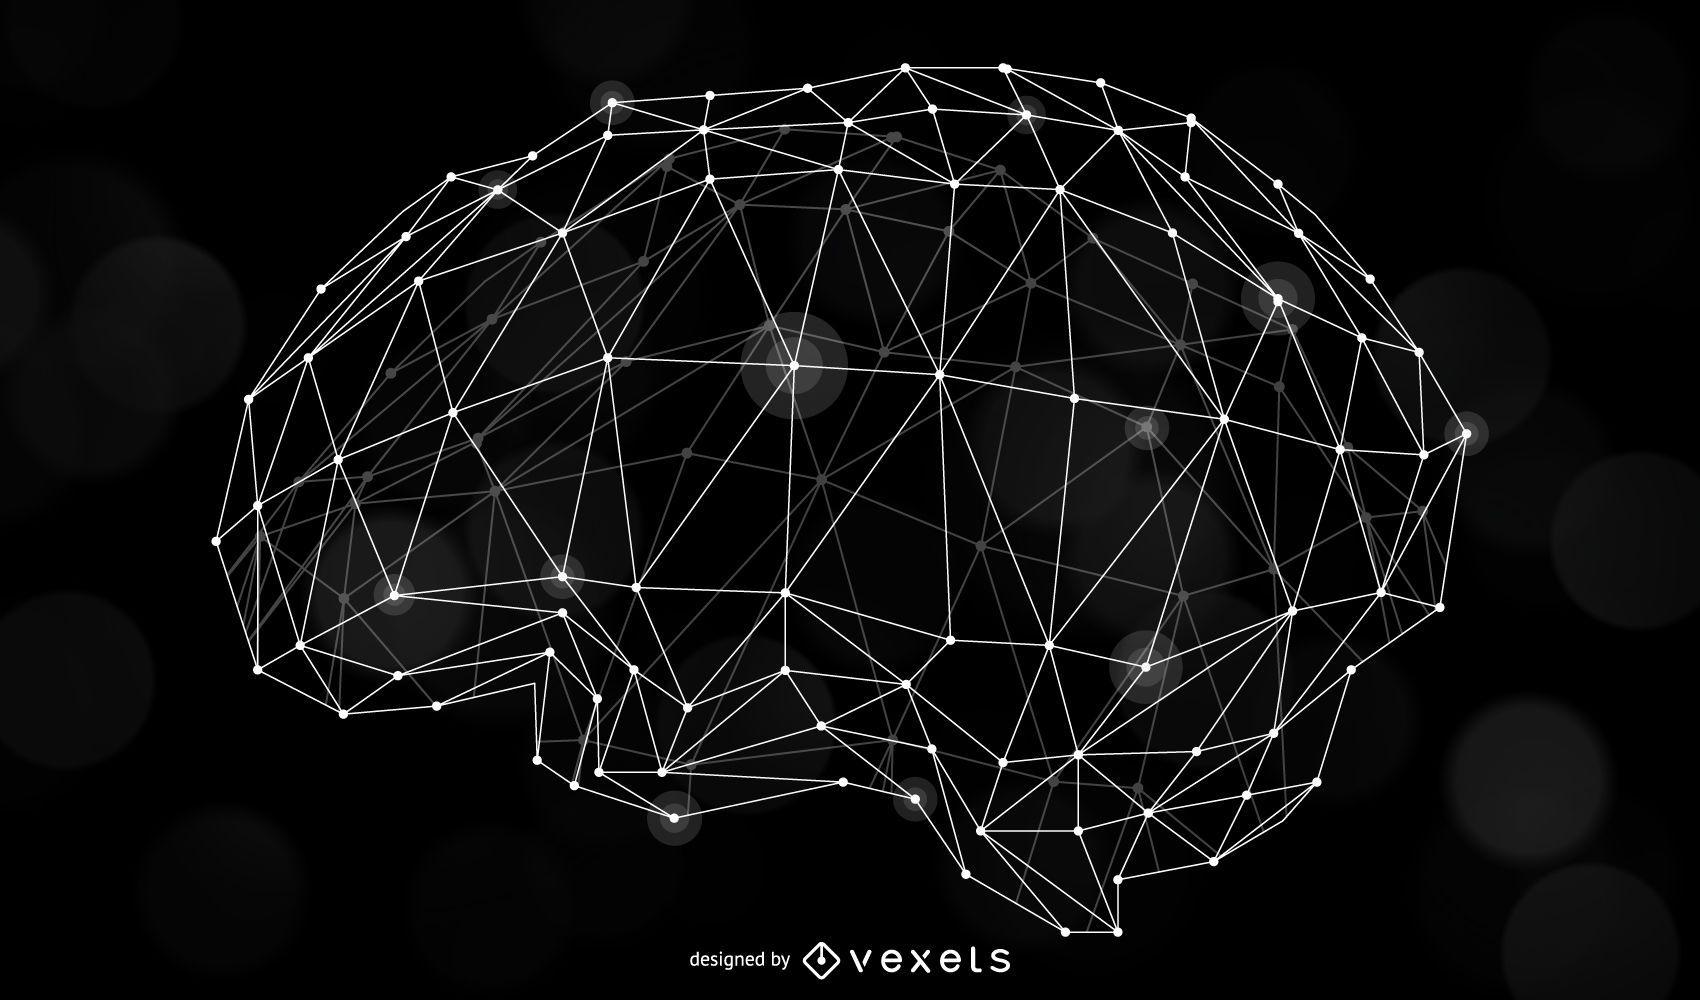 Human Brain Neuron Illustration